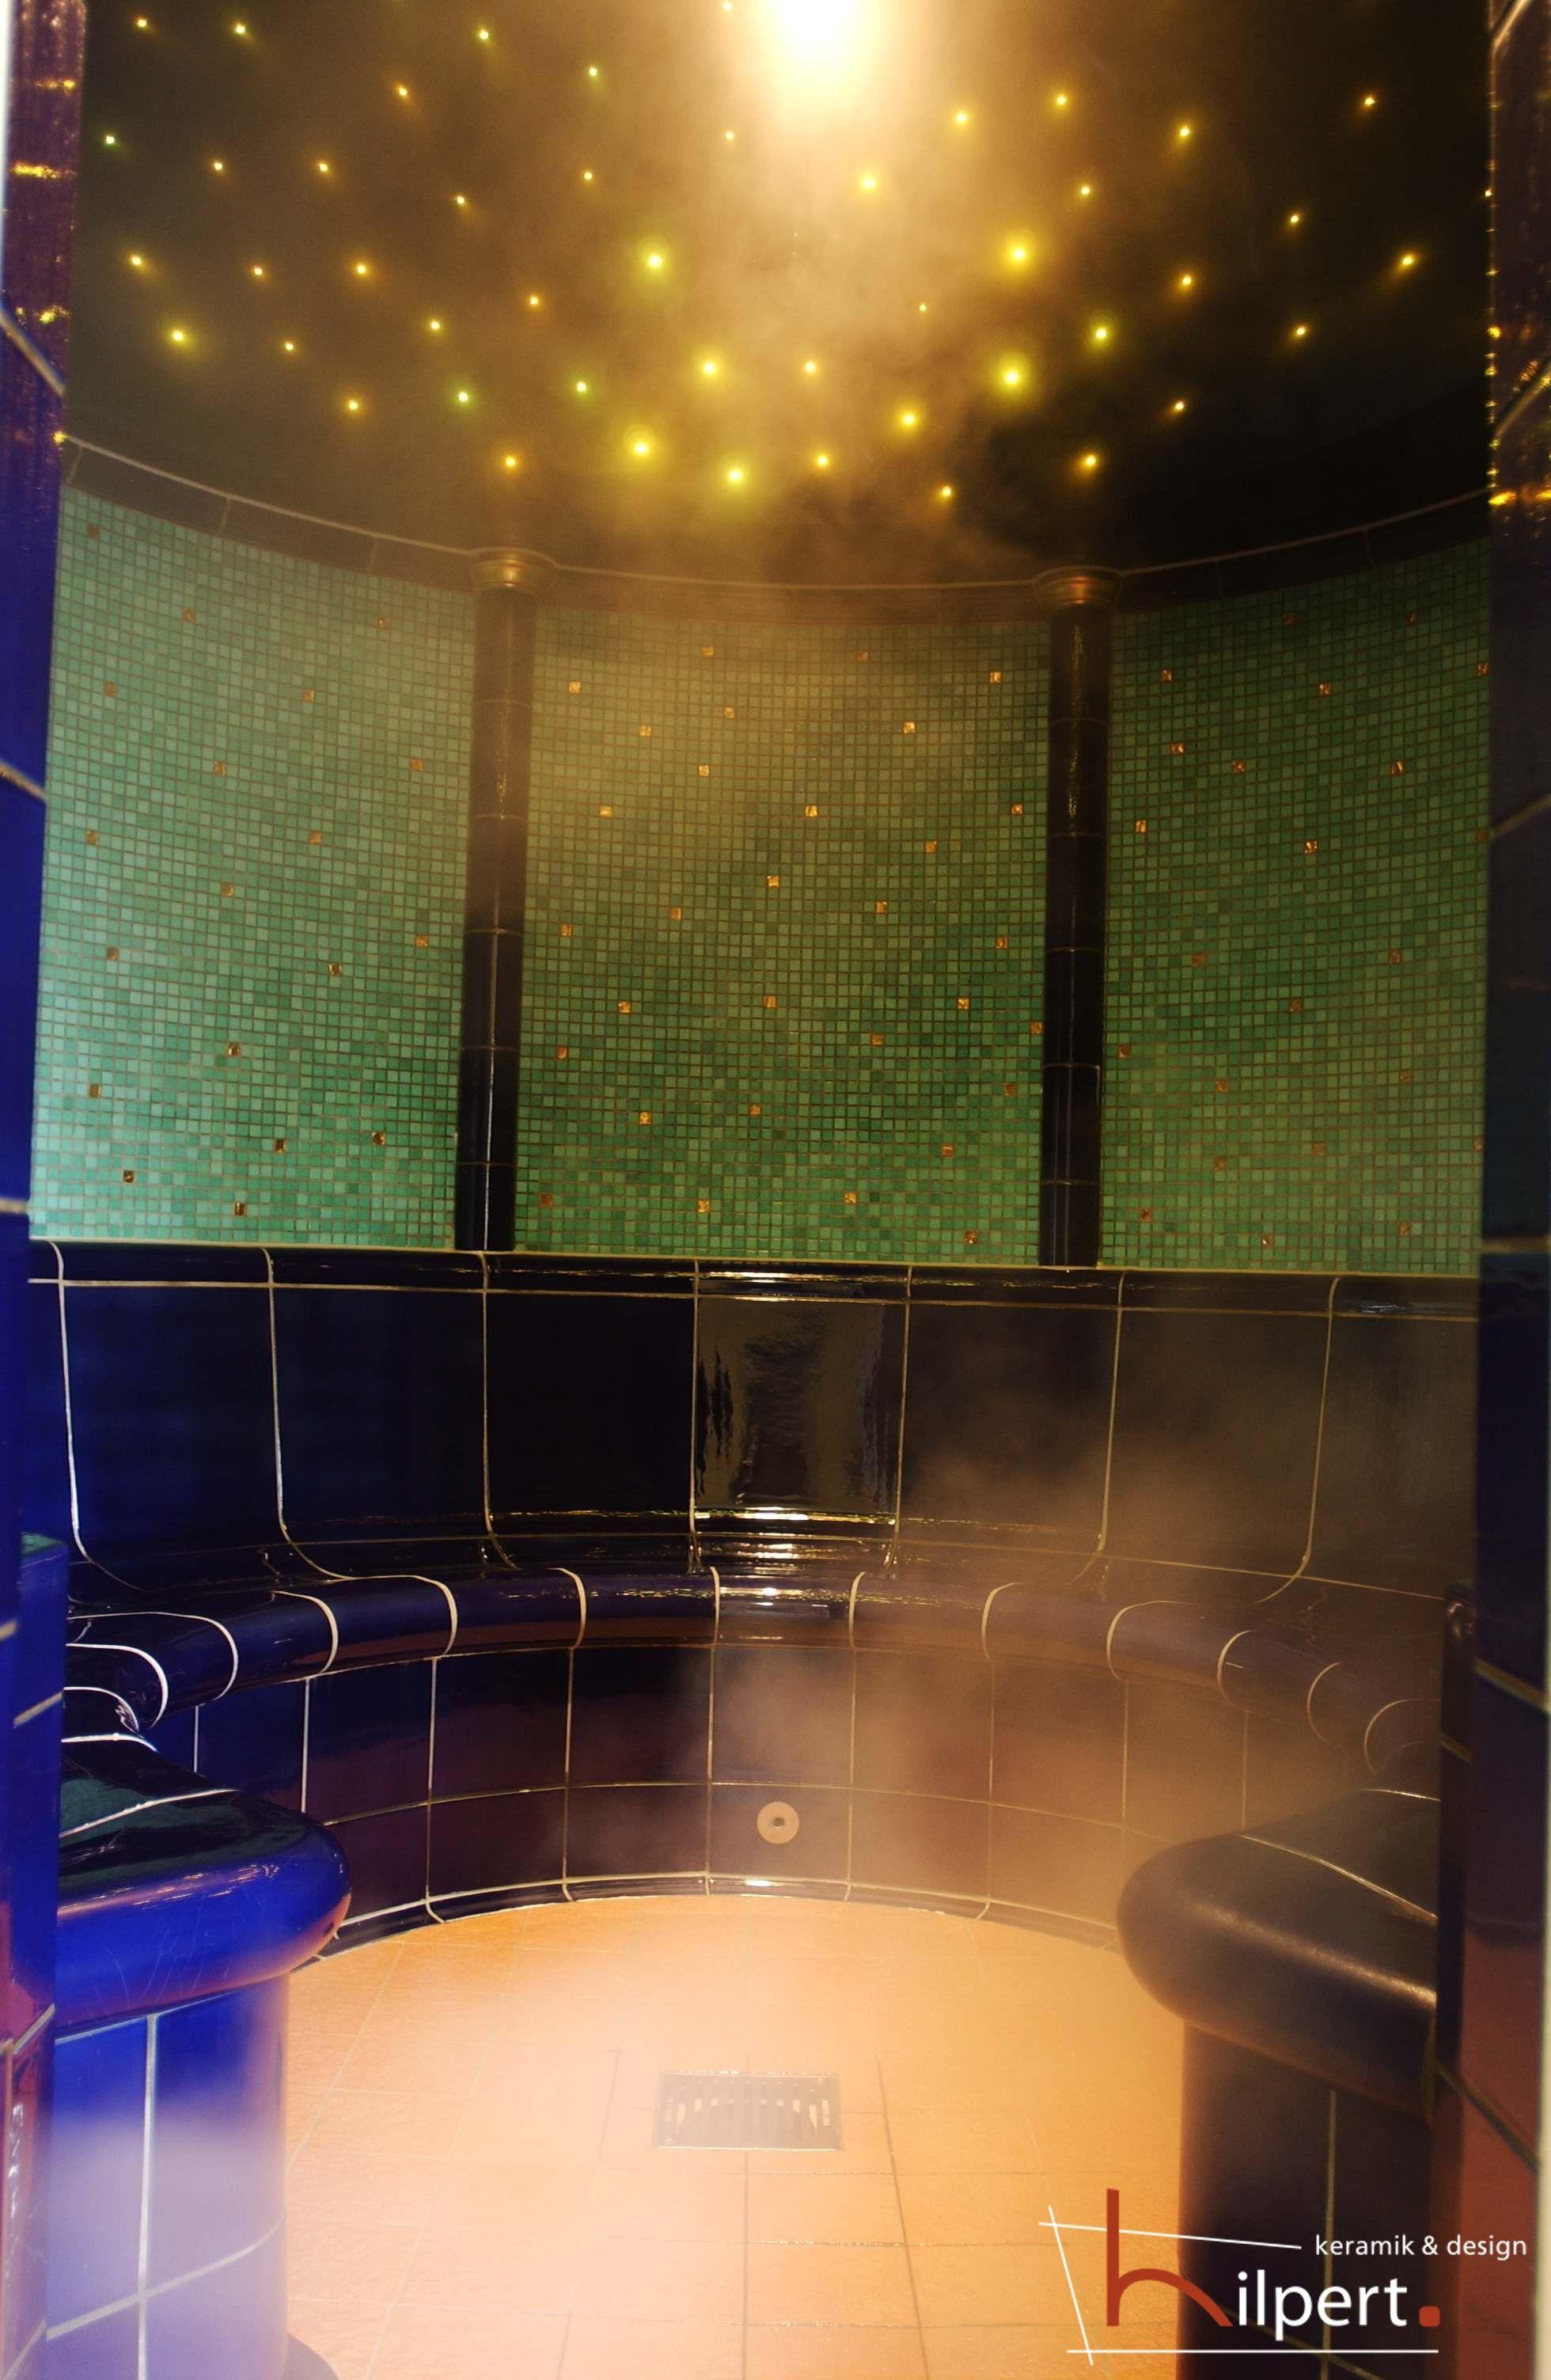 Dampfbad Steam Bath In Der Lullustherme Bad Hersfeld Mit Hilpert Keramik Formteilen Sitzbanke In Korperfo Mit Bildern Kleines Bad Farbe Dampfbad Bad Hersfeld